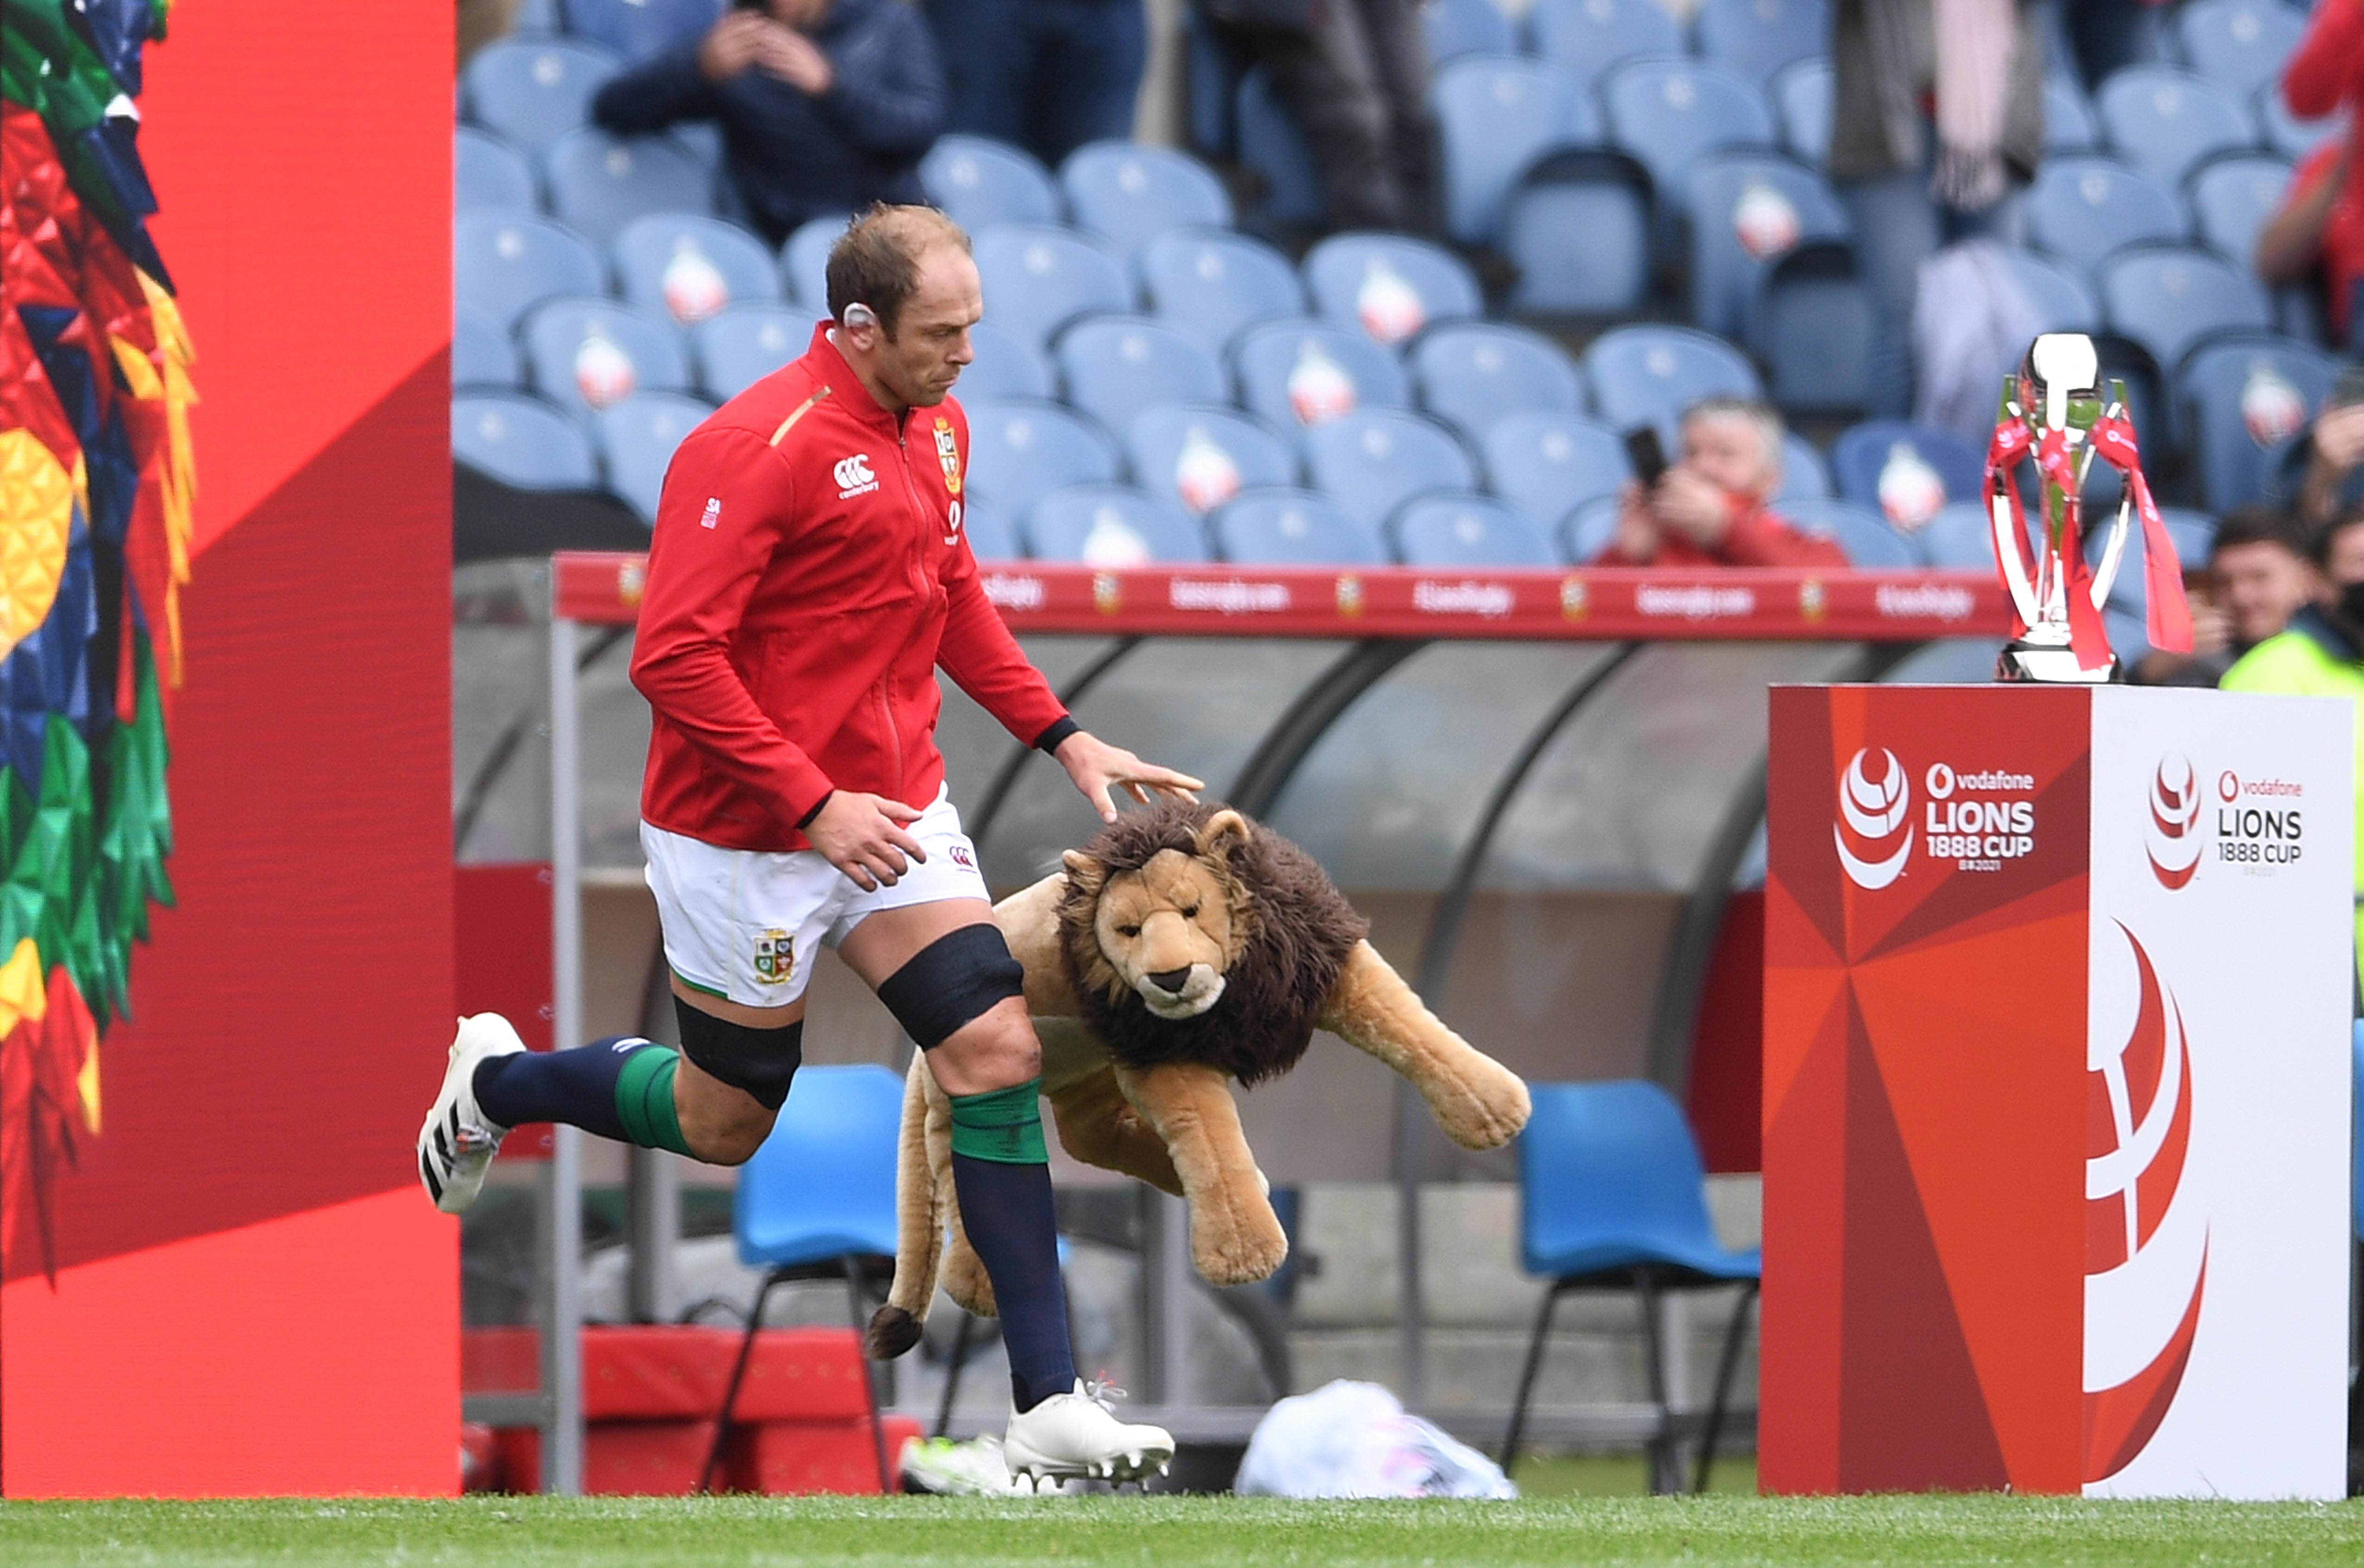 AWJ Lions